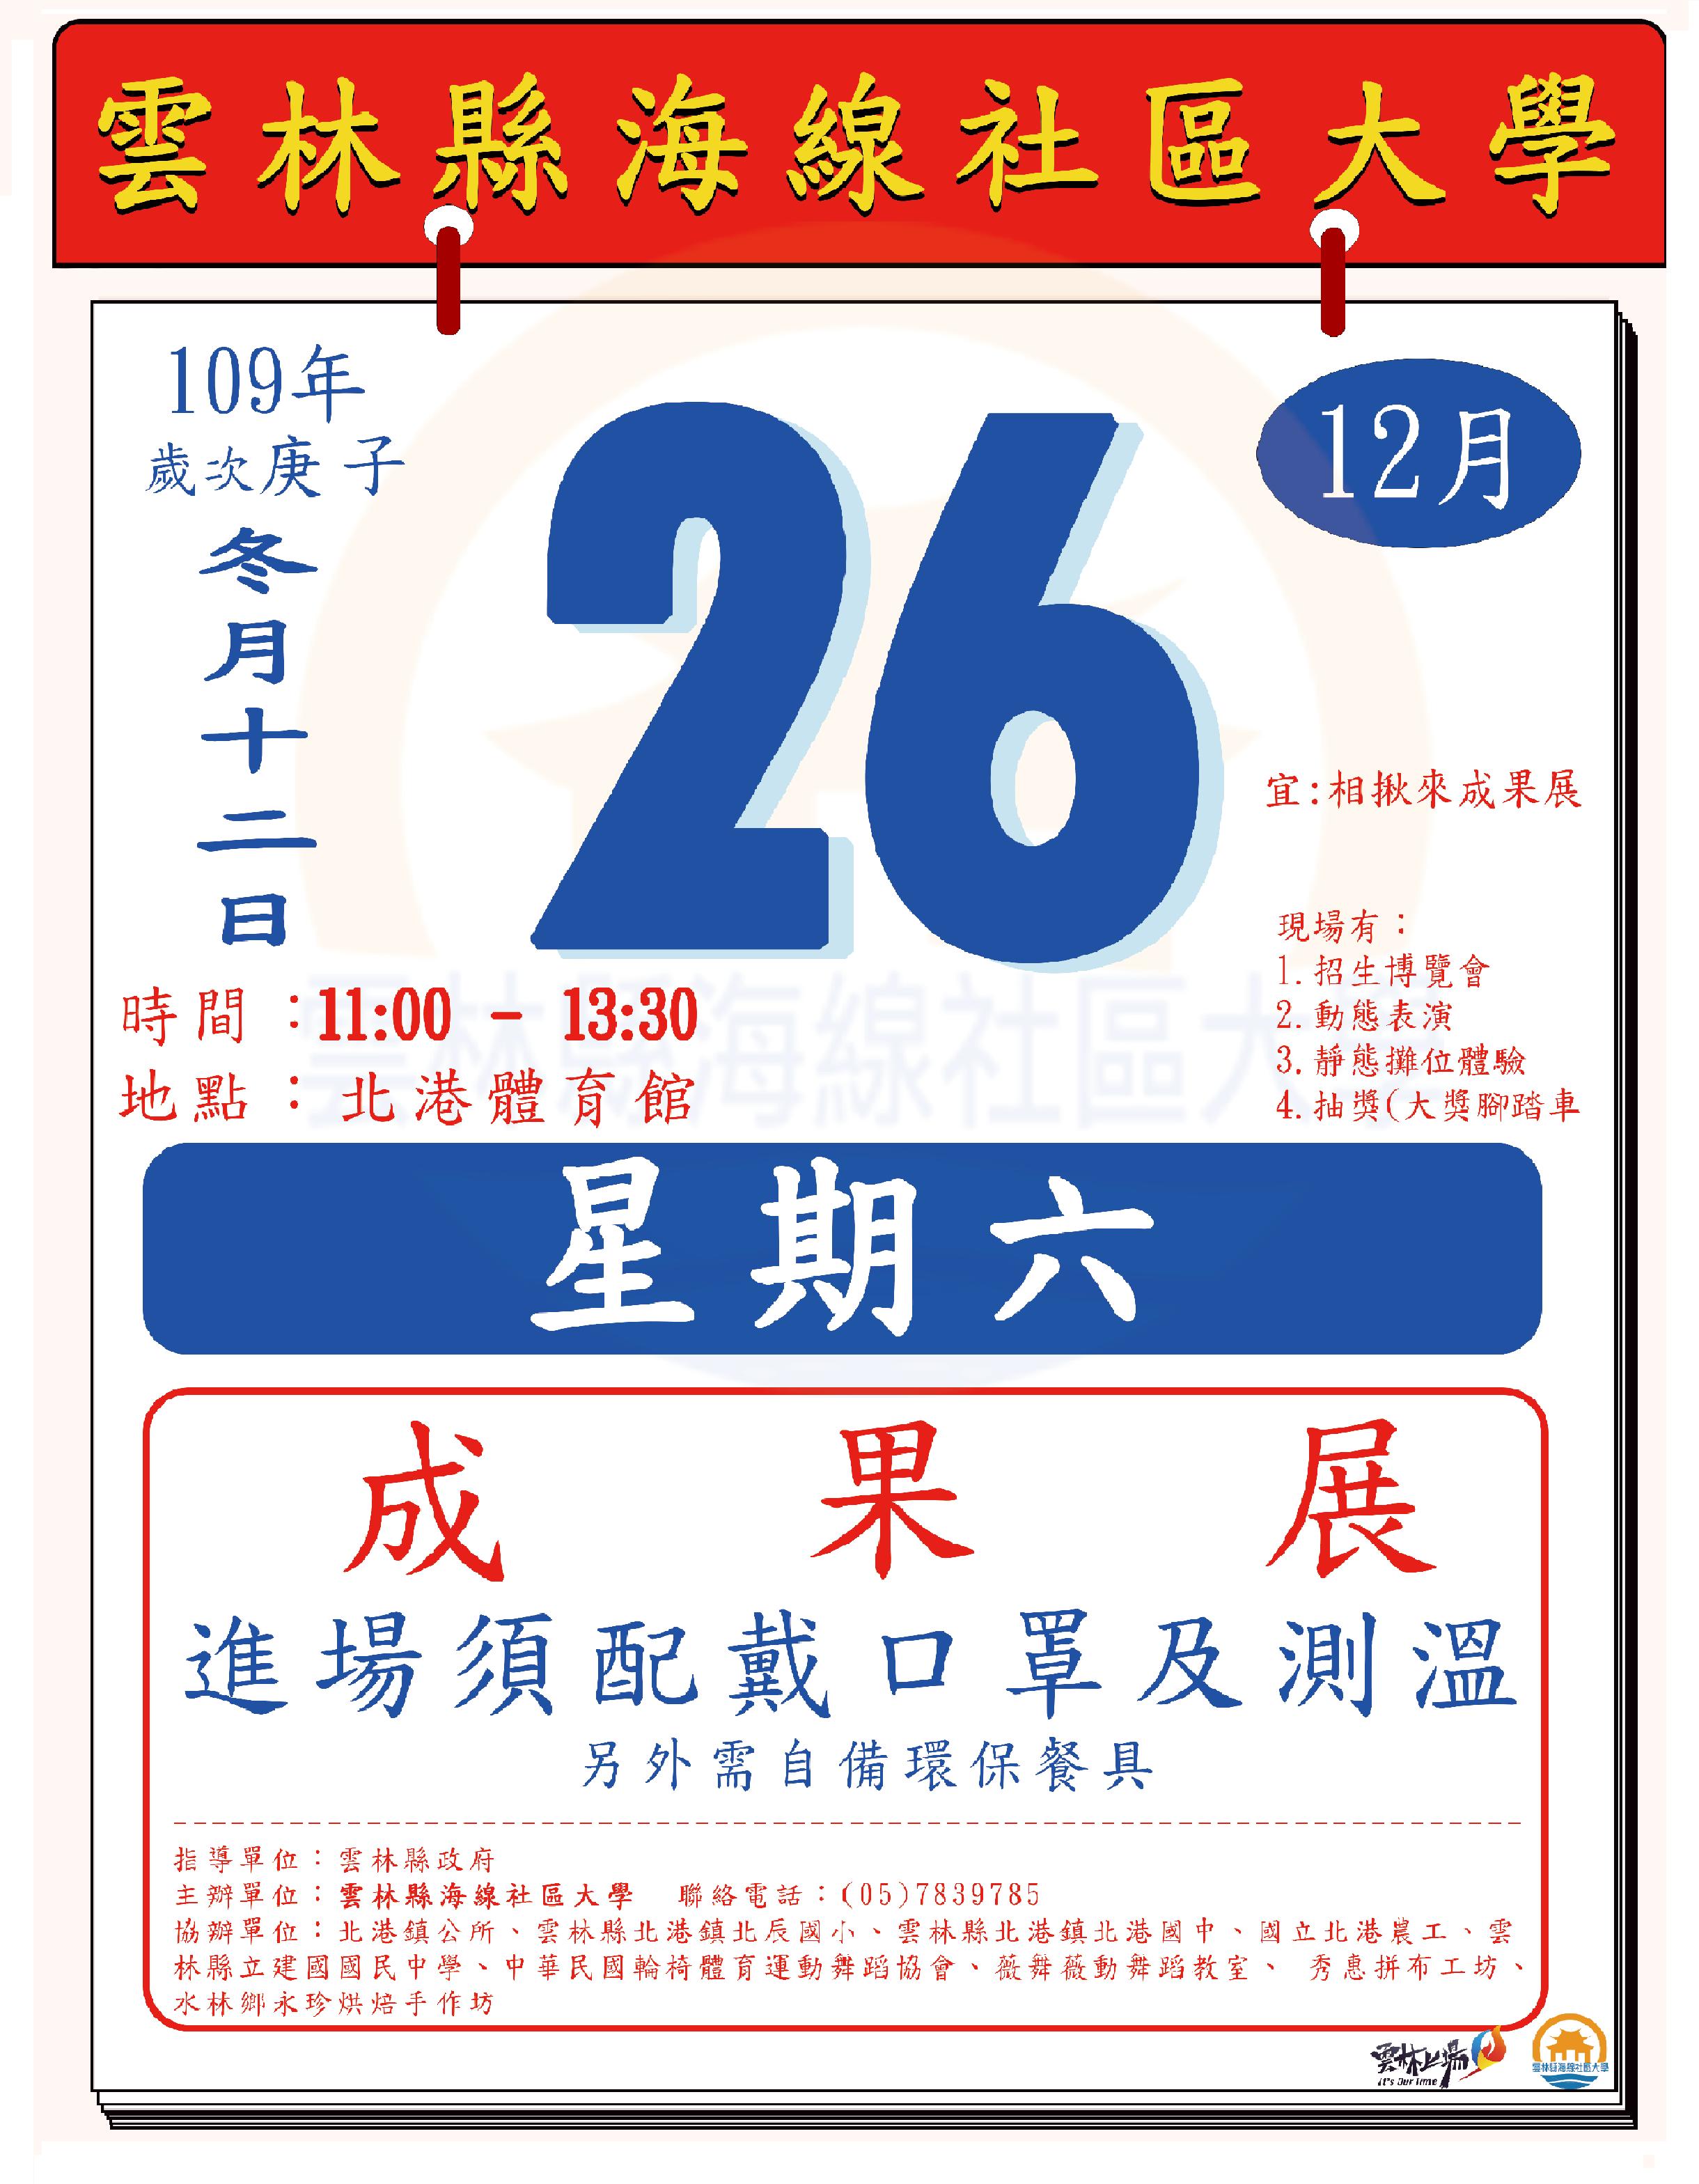 12/26成果展暨招生博覽會